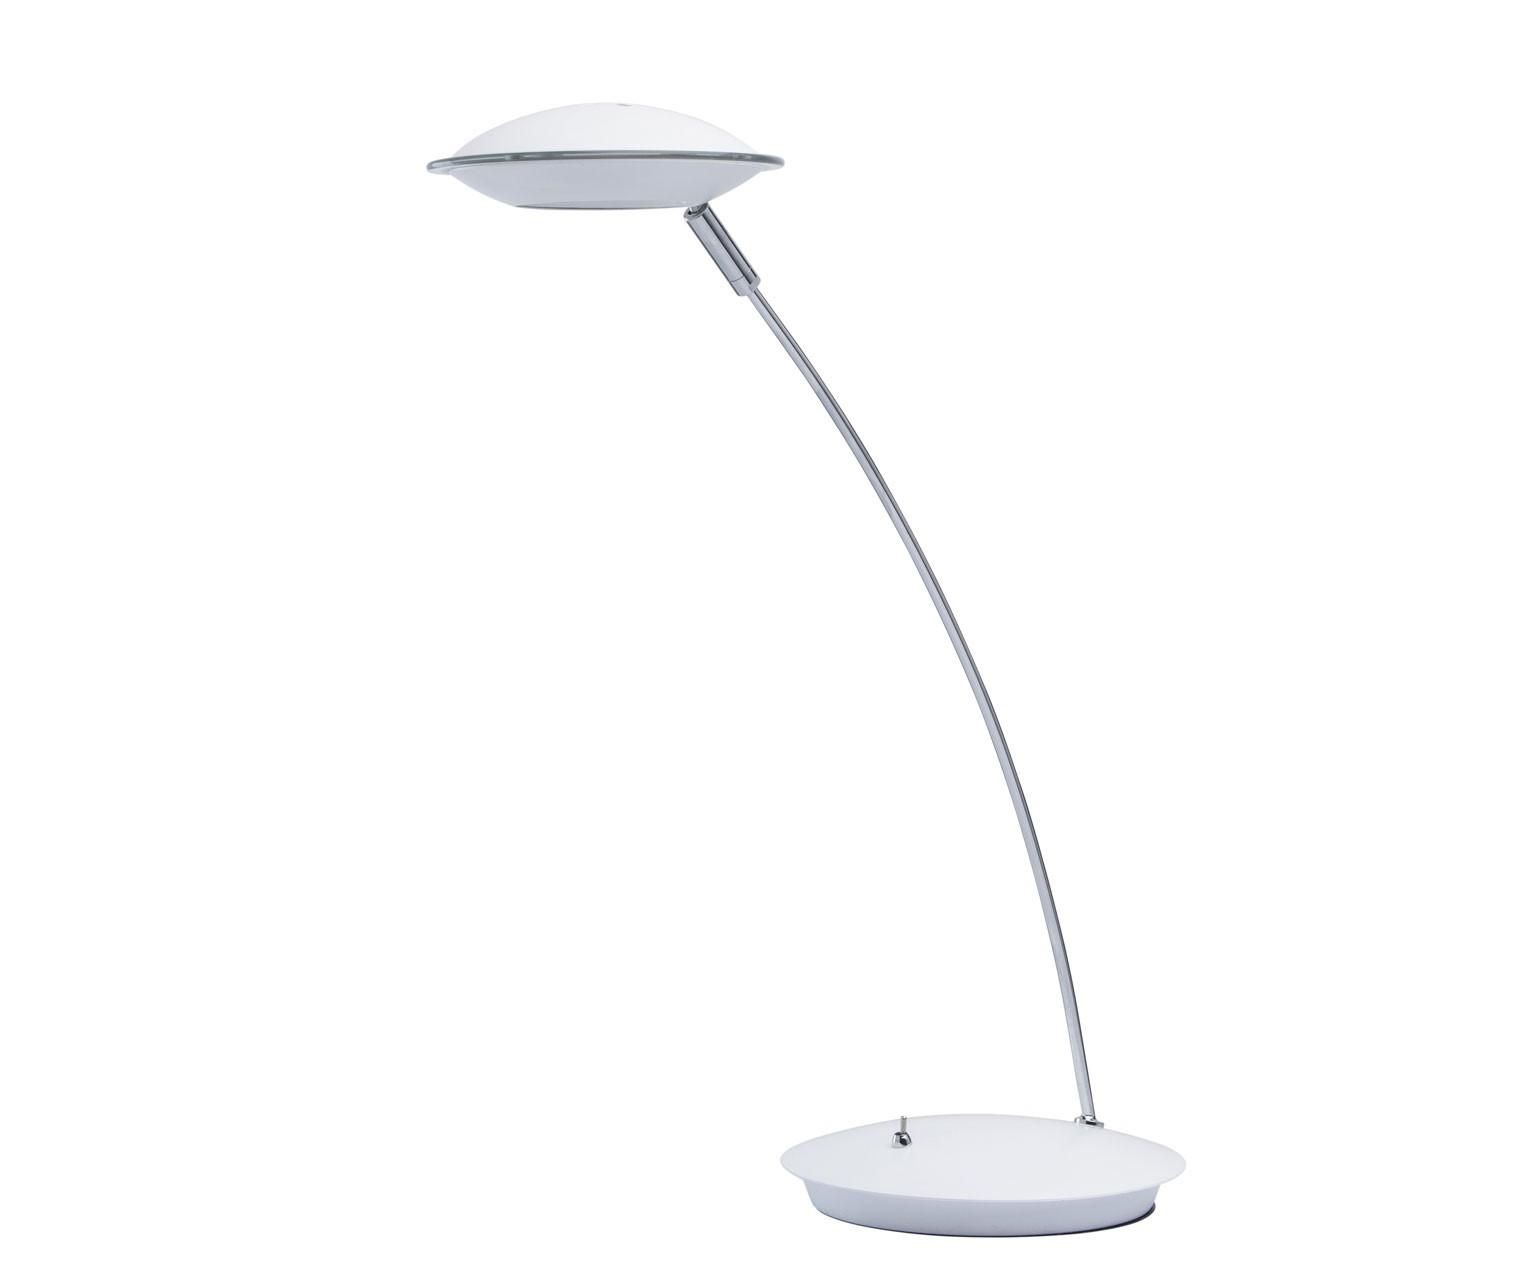 Настольная лампа ГэлэксиНастольные лампы<br>Цоколь: LED,&amp;amp;nbsp;&amp;lt;div&amp;gt;Мощность лампы: 5W,&amp;amp;nbsp;&amp;lt;/div&amp;gt;&amp;lt;div&amp;gt;Количество ламп: 1&amp;lt;/div&amp;gt;&amp;lt;div&amp;gt;Лампочка входит в комплект.&amp;lt;/div&amp;gt;<br><br>Material: Металл<br>Width см: 32<br>Depth см: 16<br>Height см: 43